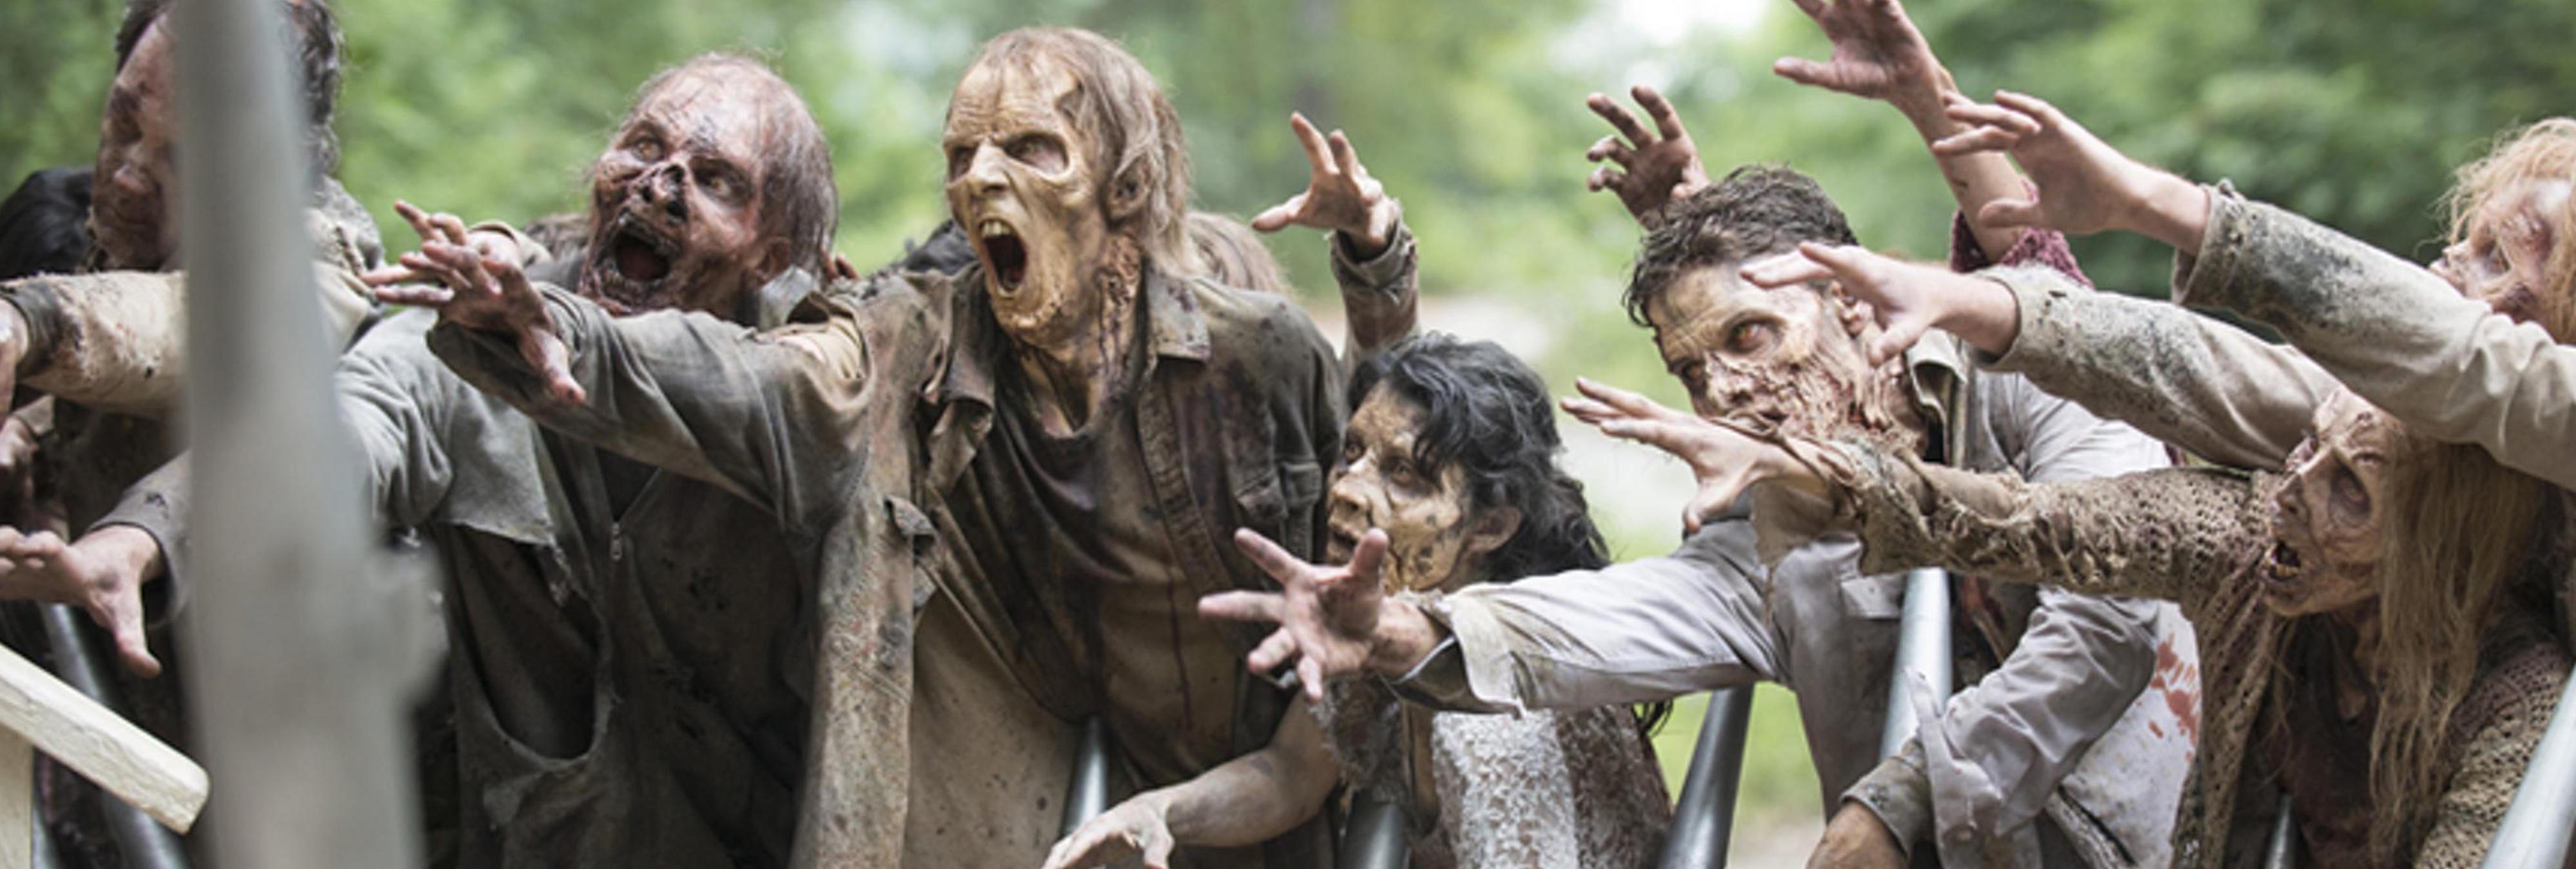 El Gobierno presenta sus planes para caso de apocalipsis zombie